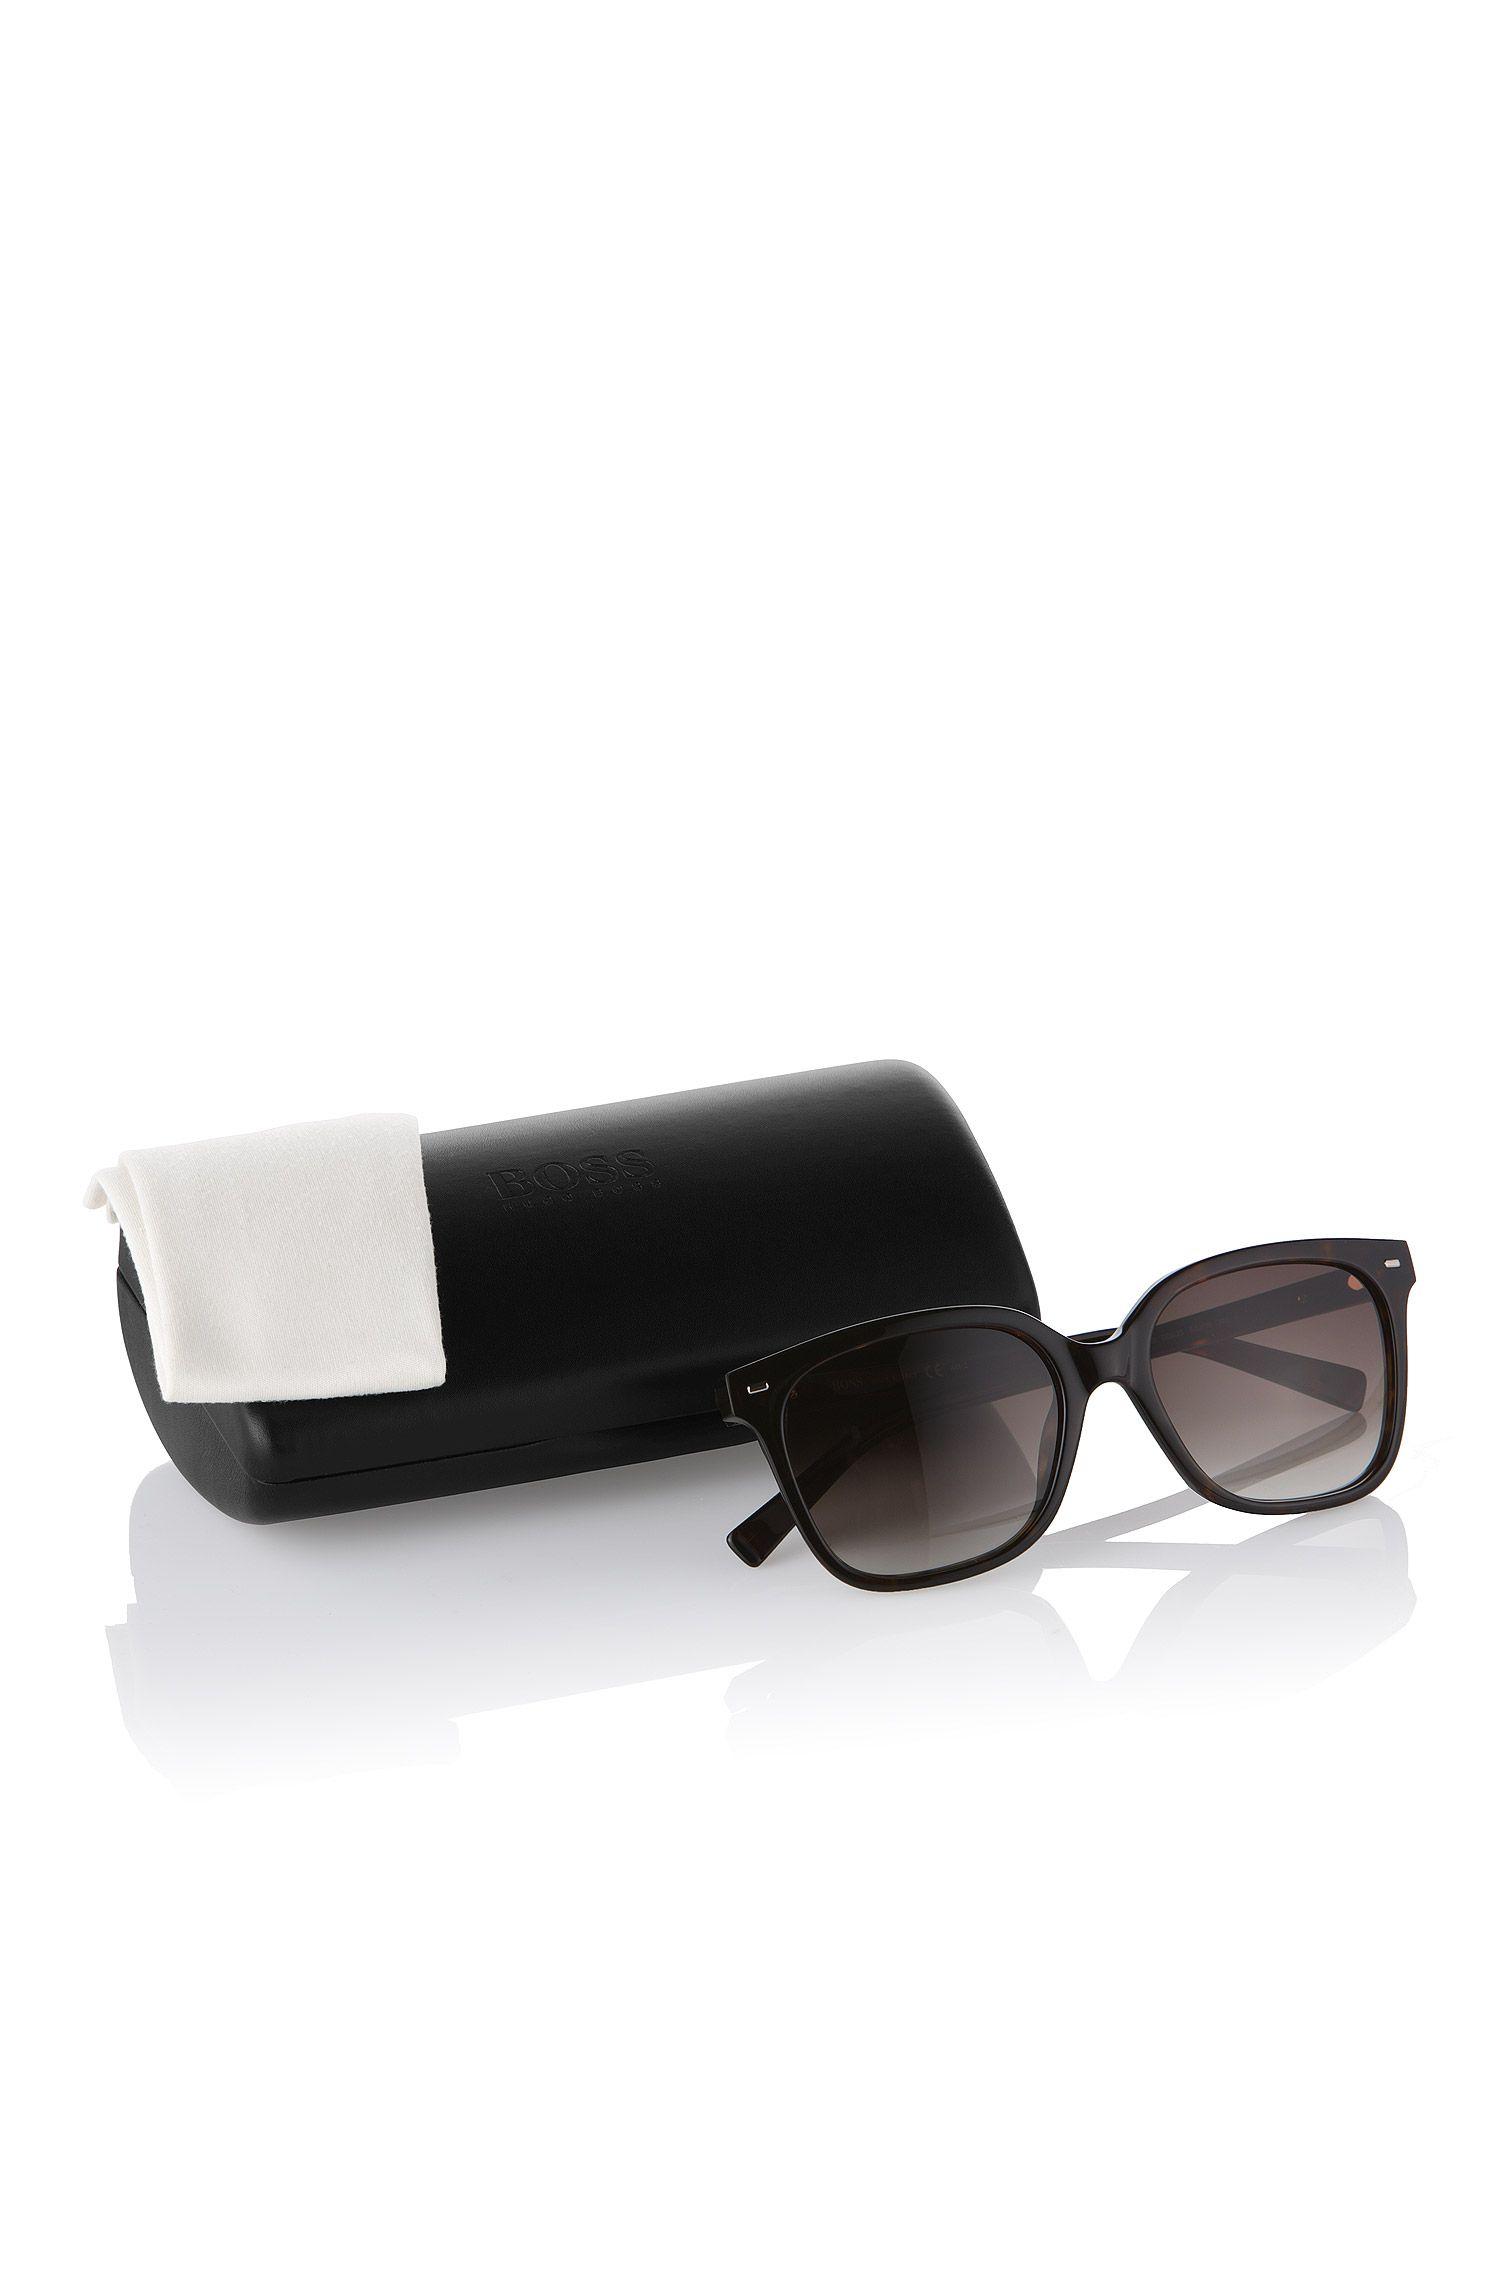 Wayfarer-Sonnenbrille ´0488/ S` im Retro-Look